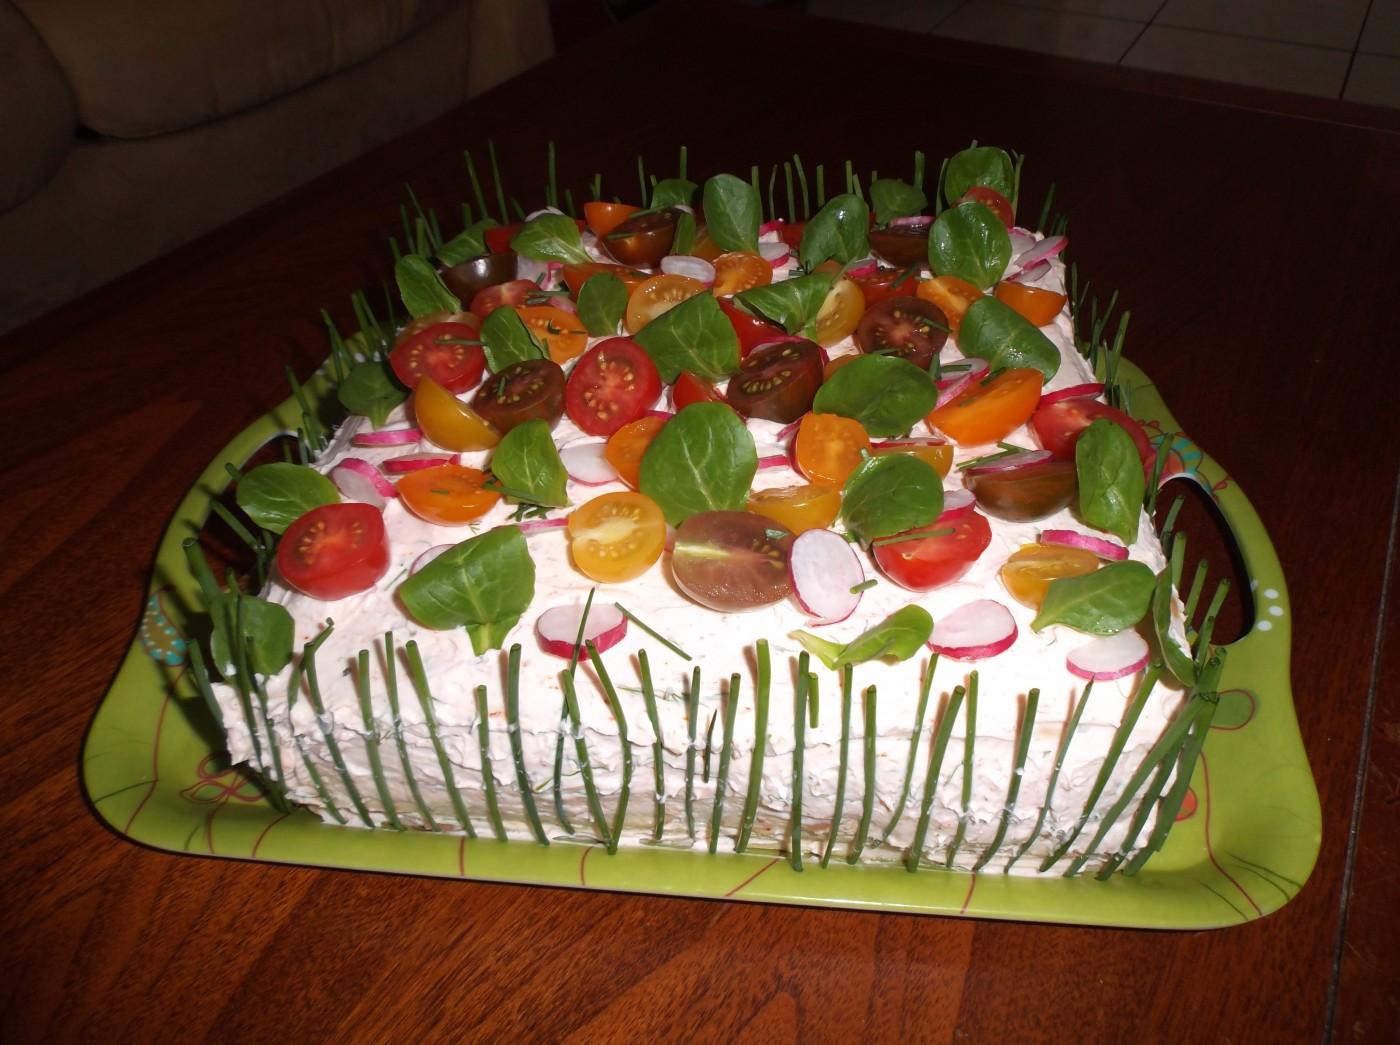 gâteau salé (sandwich cake)